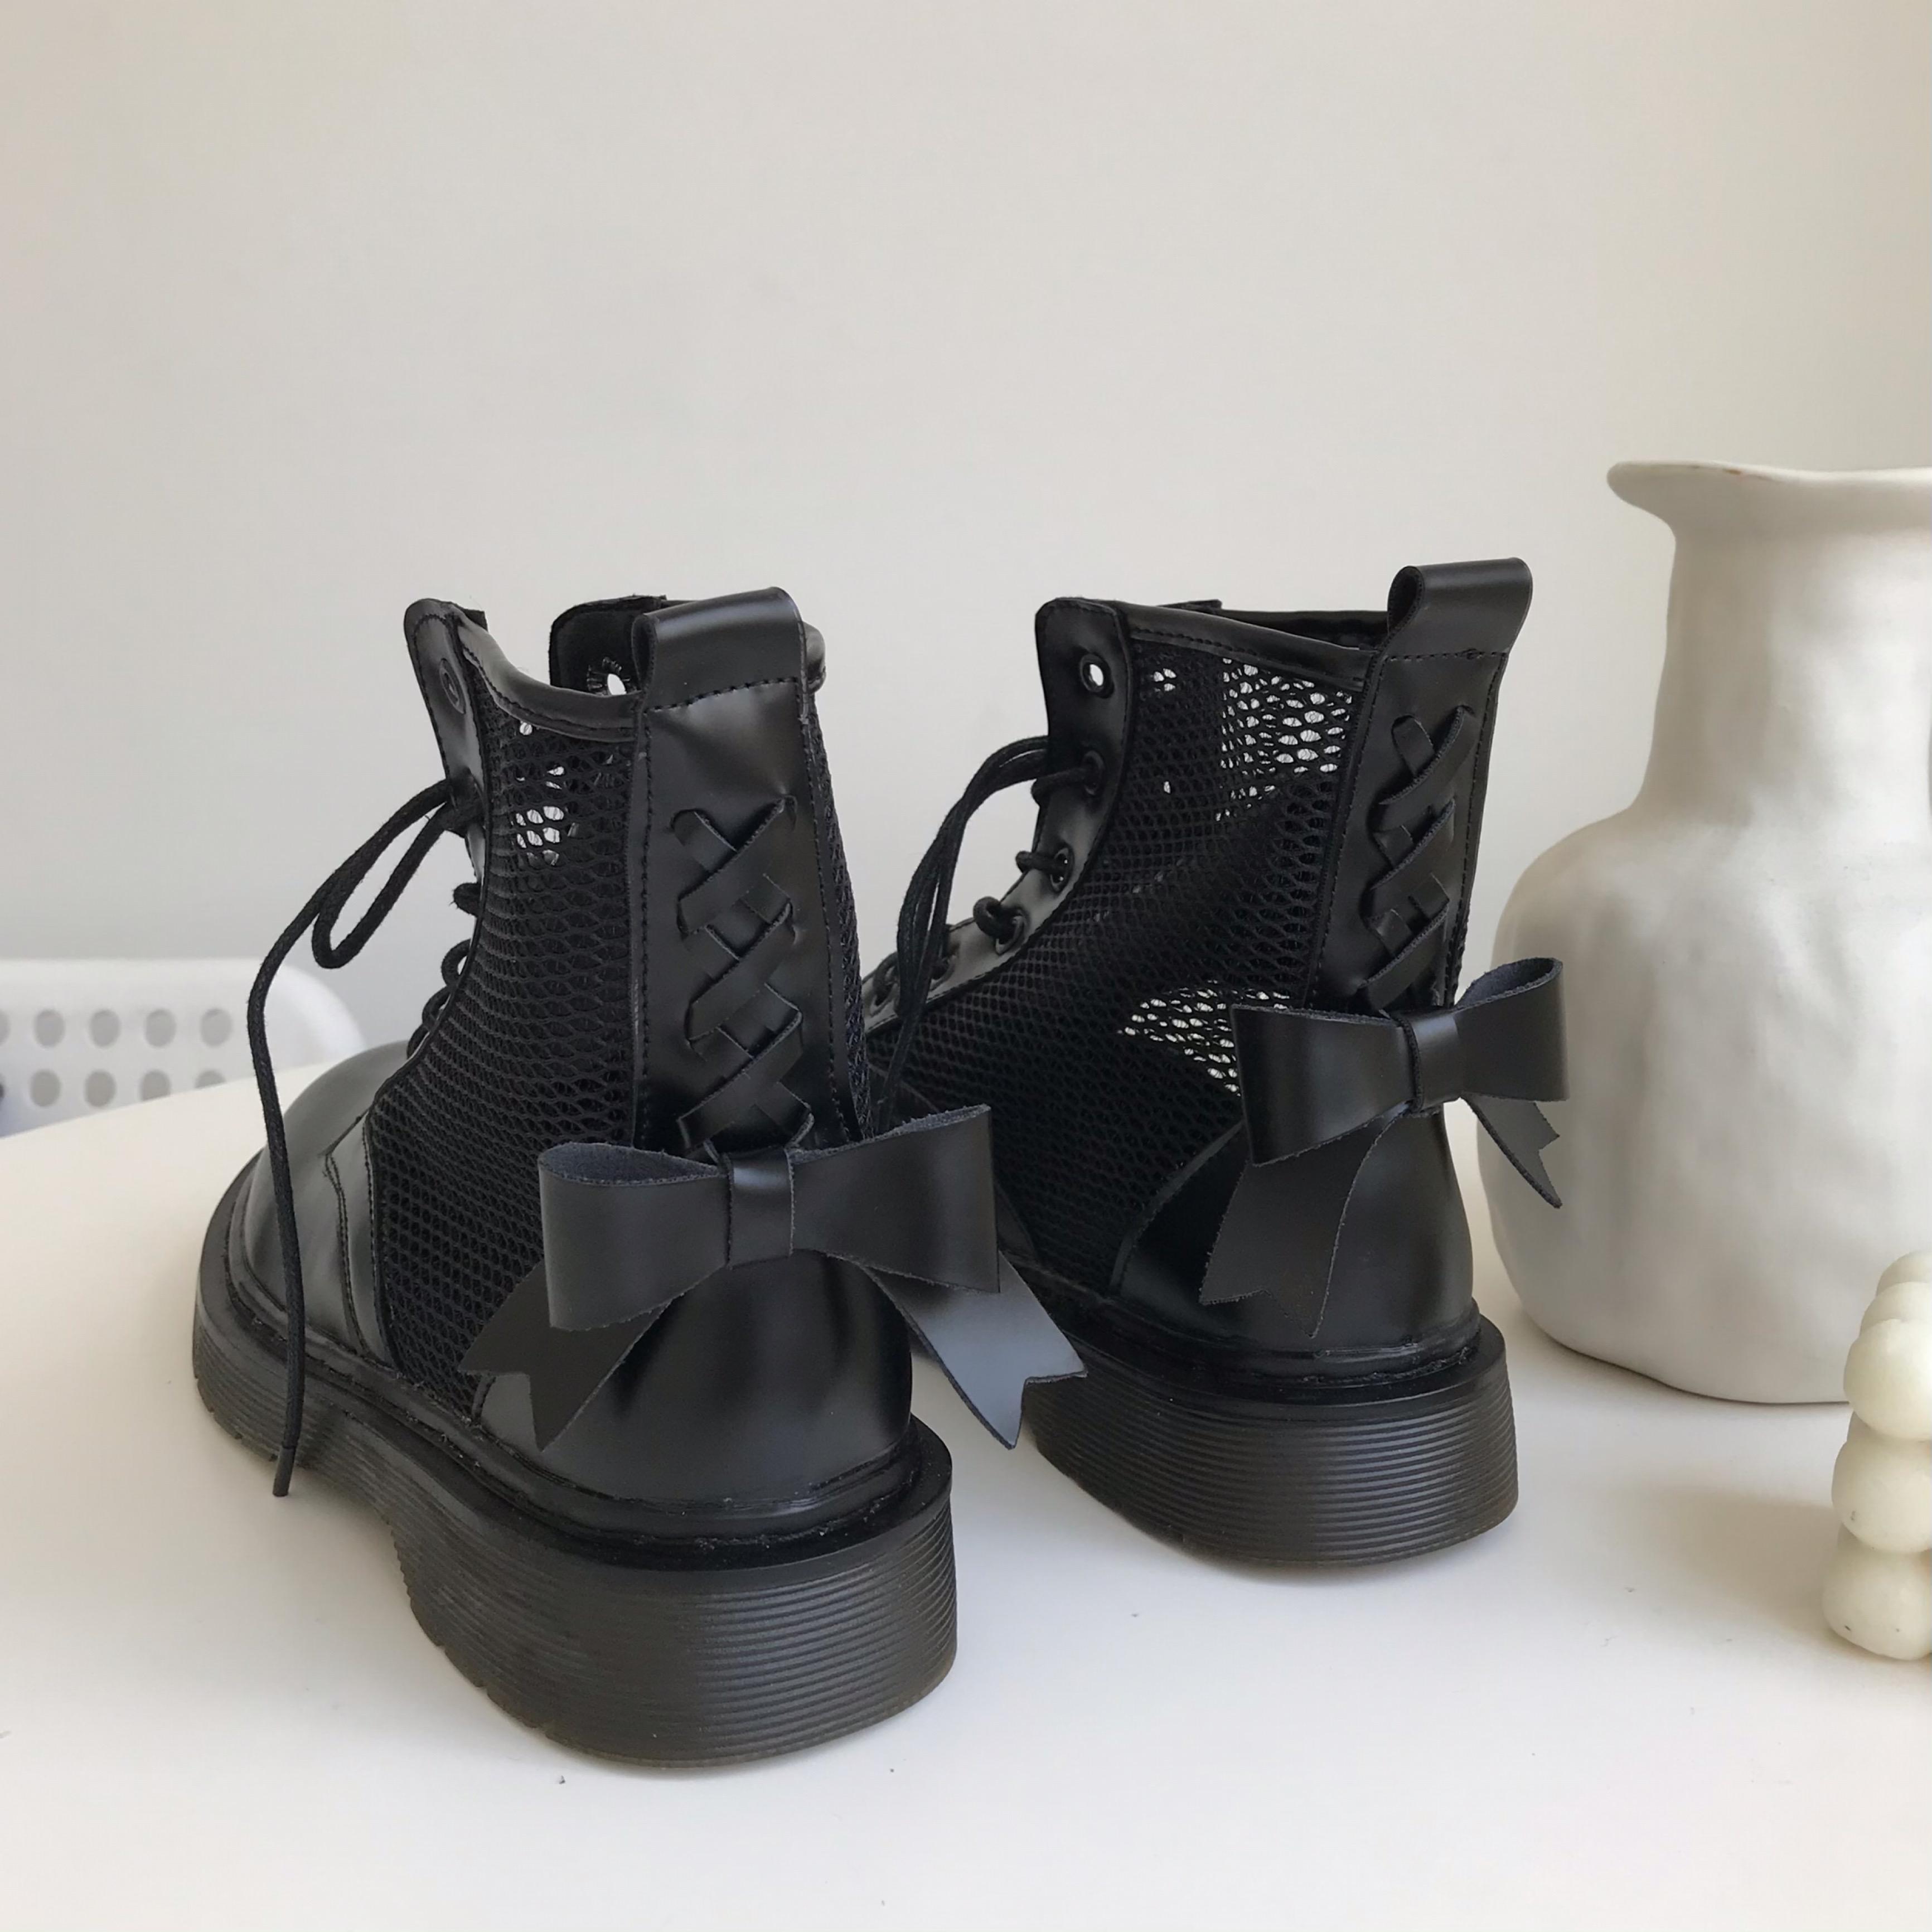 小sun家 ins黑色马丁靴夏季薄款蝴蝶结女网纱短靴英伦风新款靴子